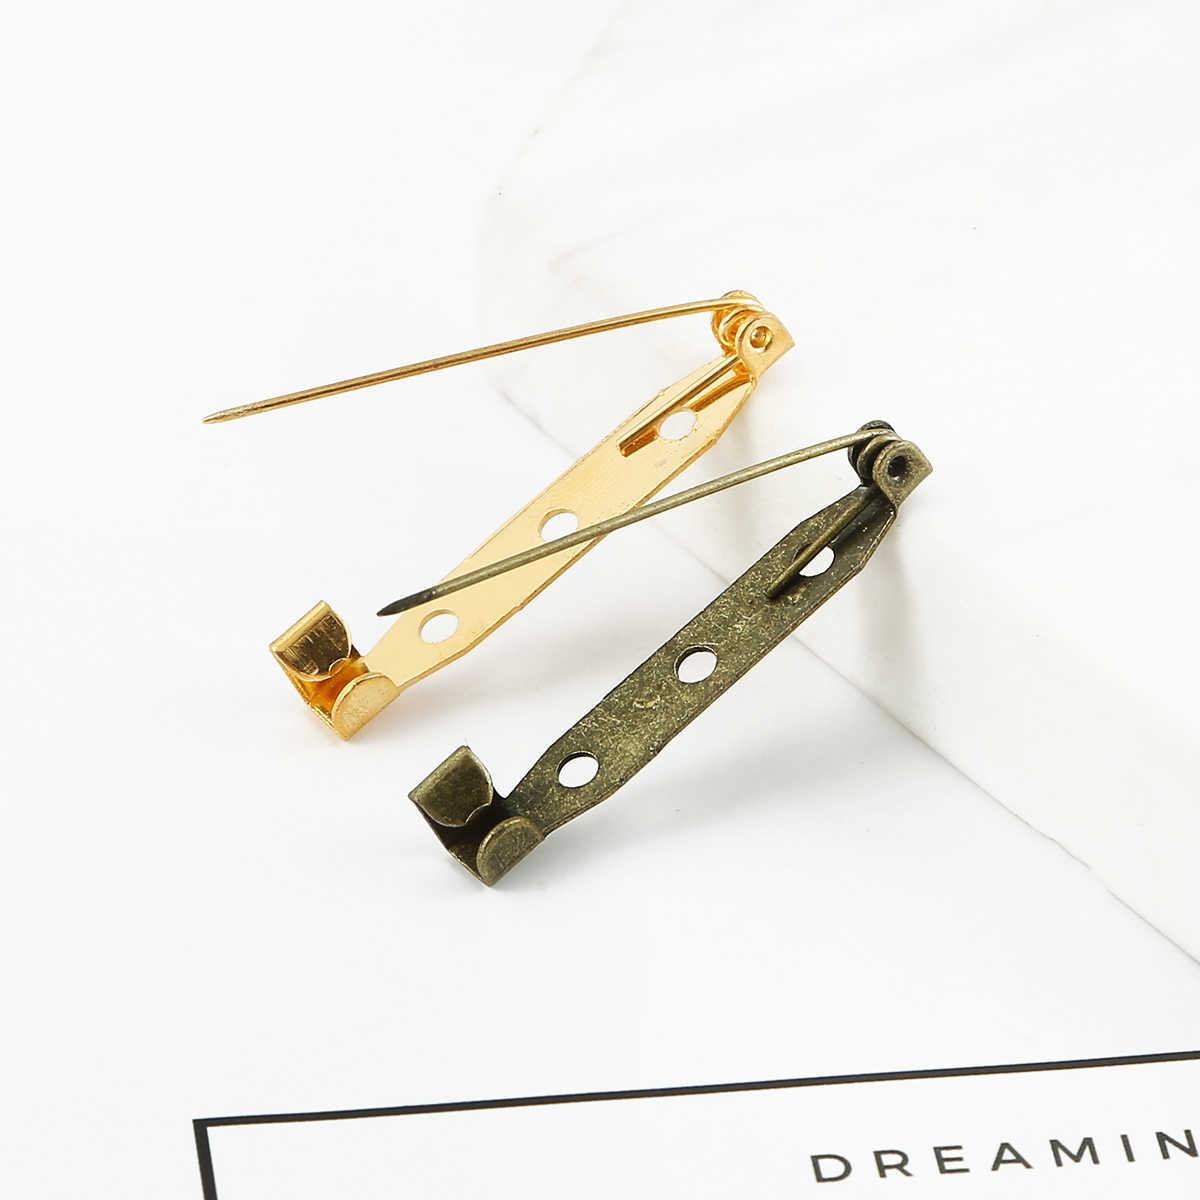 10 sztuk/partia broszka klip baza Pins 15 20 25 30 35mm szpilki bezpieczeństwa ustawienia broszka puste podstawy dla DIY biżuteria...